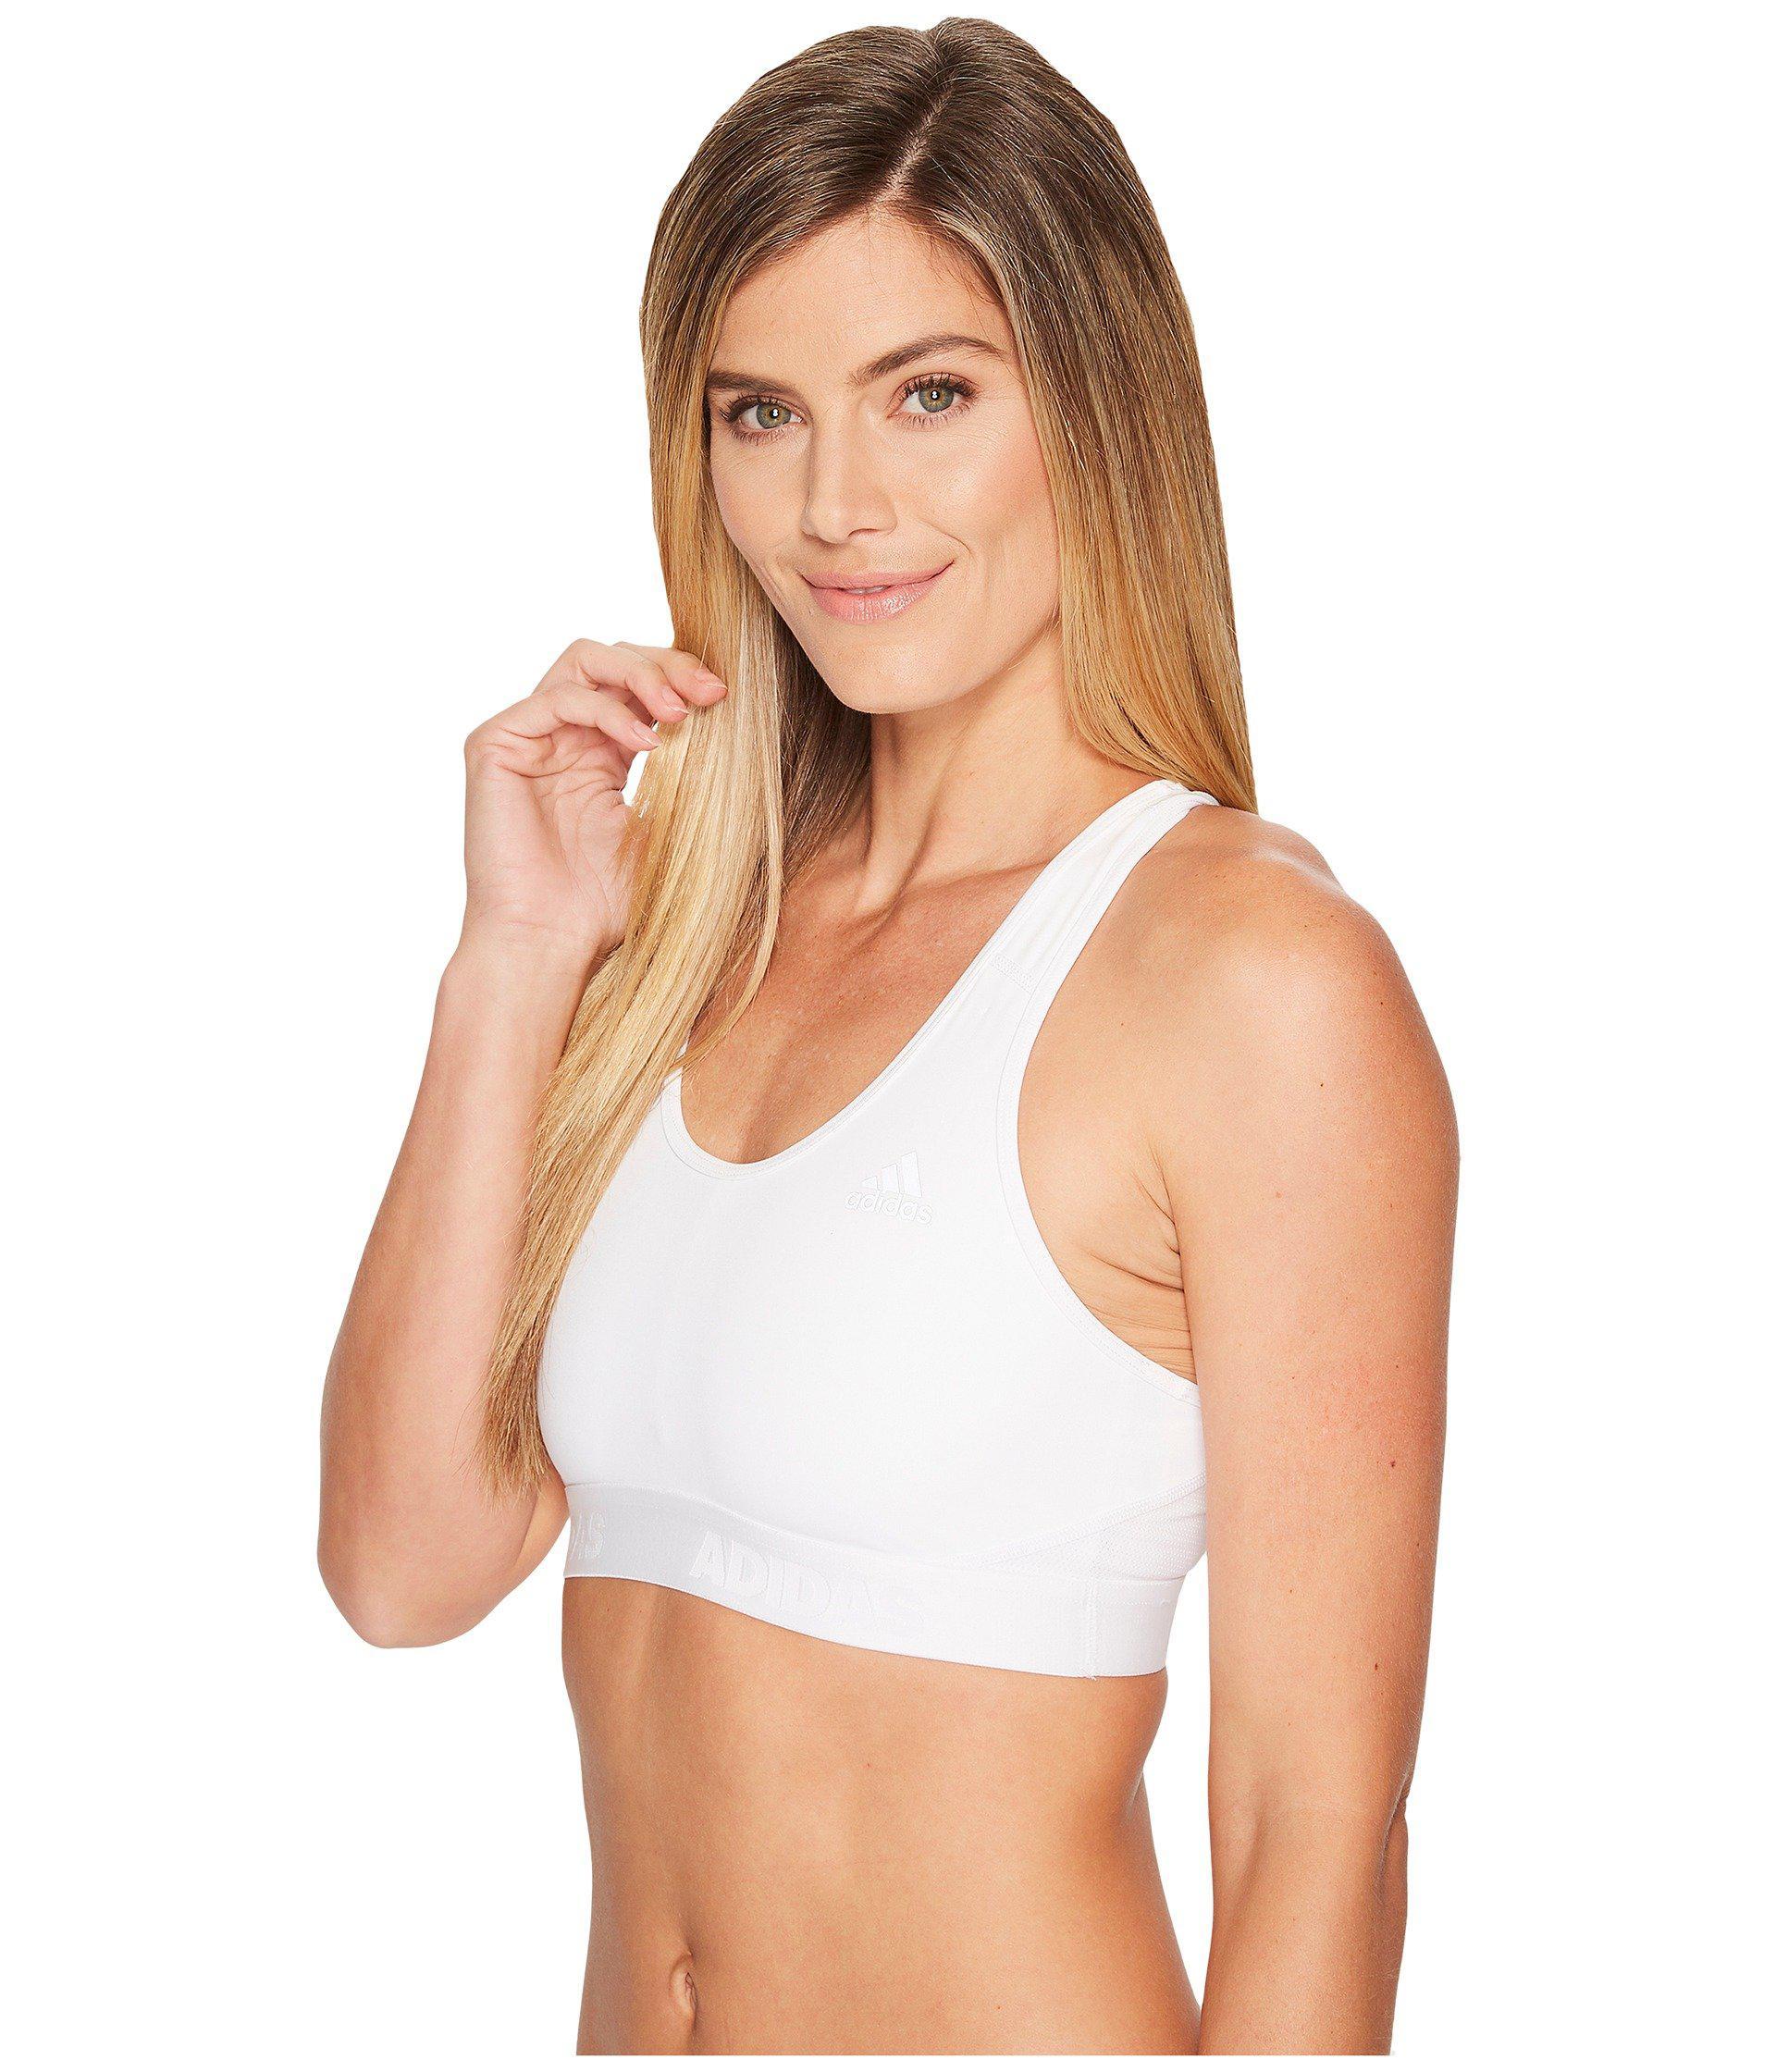 e8afea4efb9c8 Lyst - Adidas Alphaskin Sport Bra (dark Grey Heather) Women s Bra in White